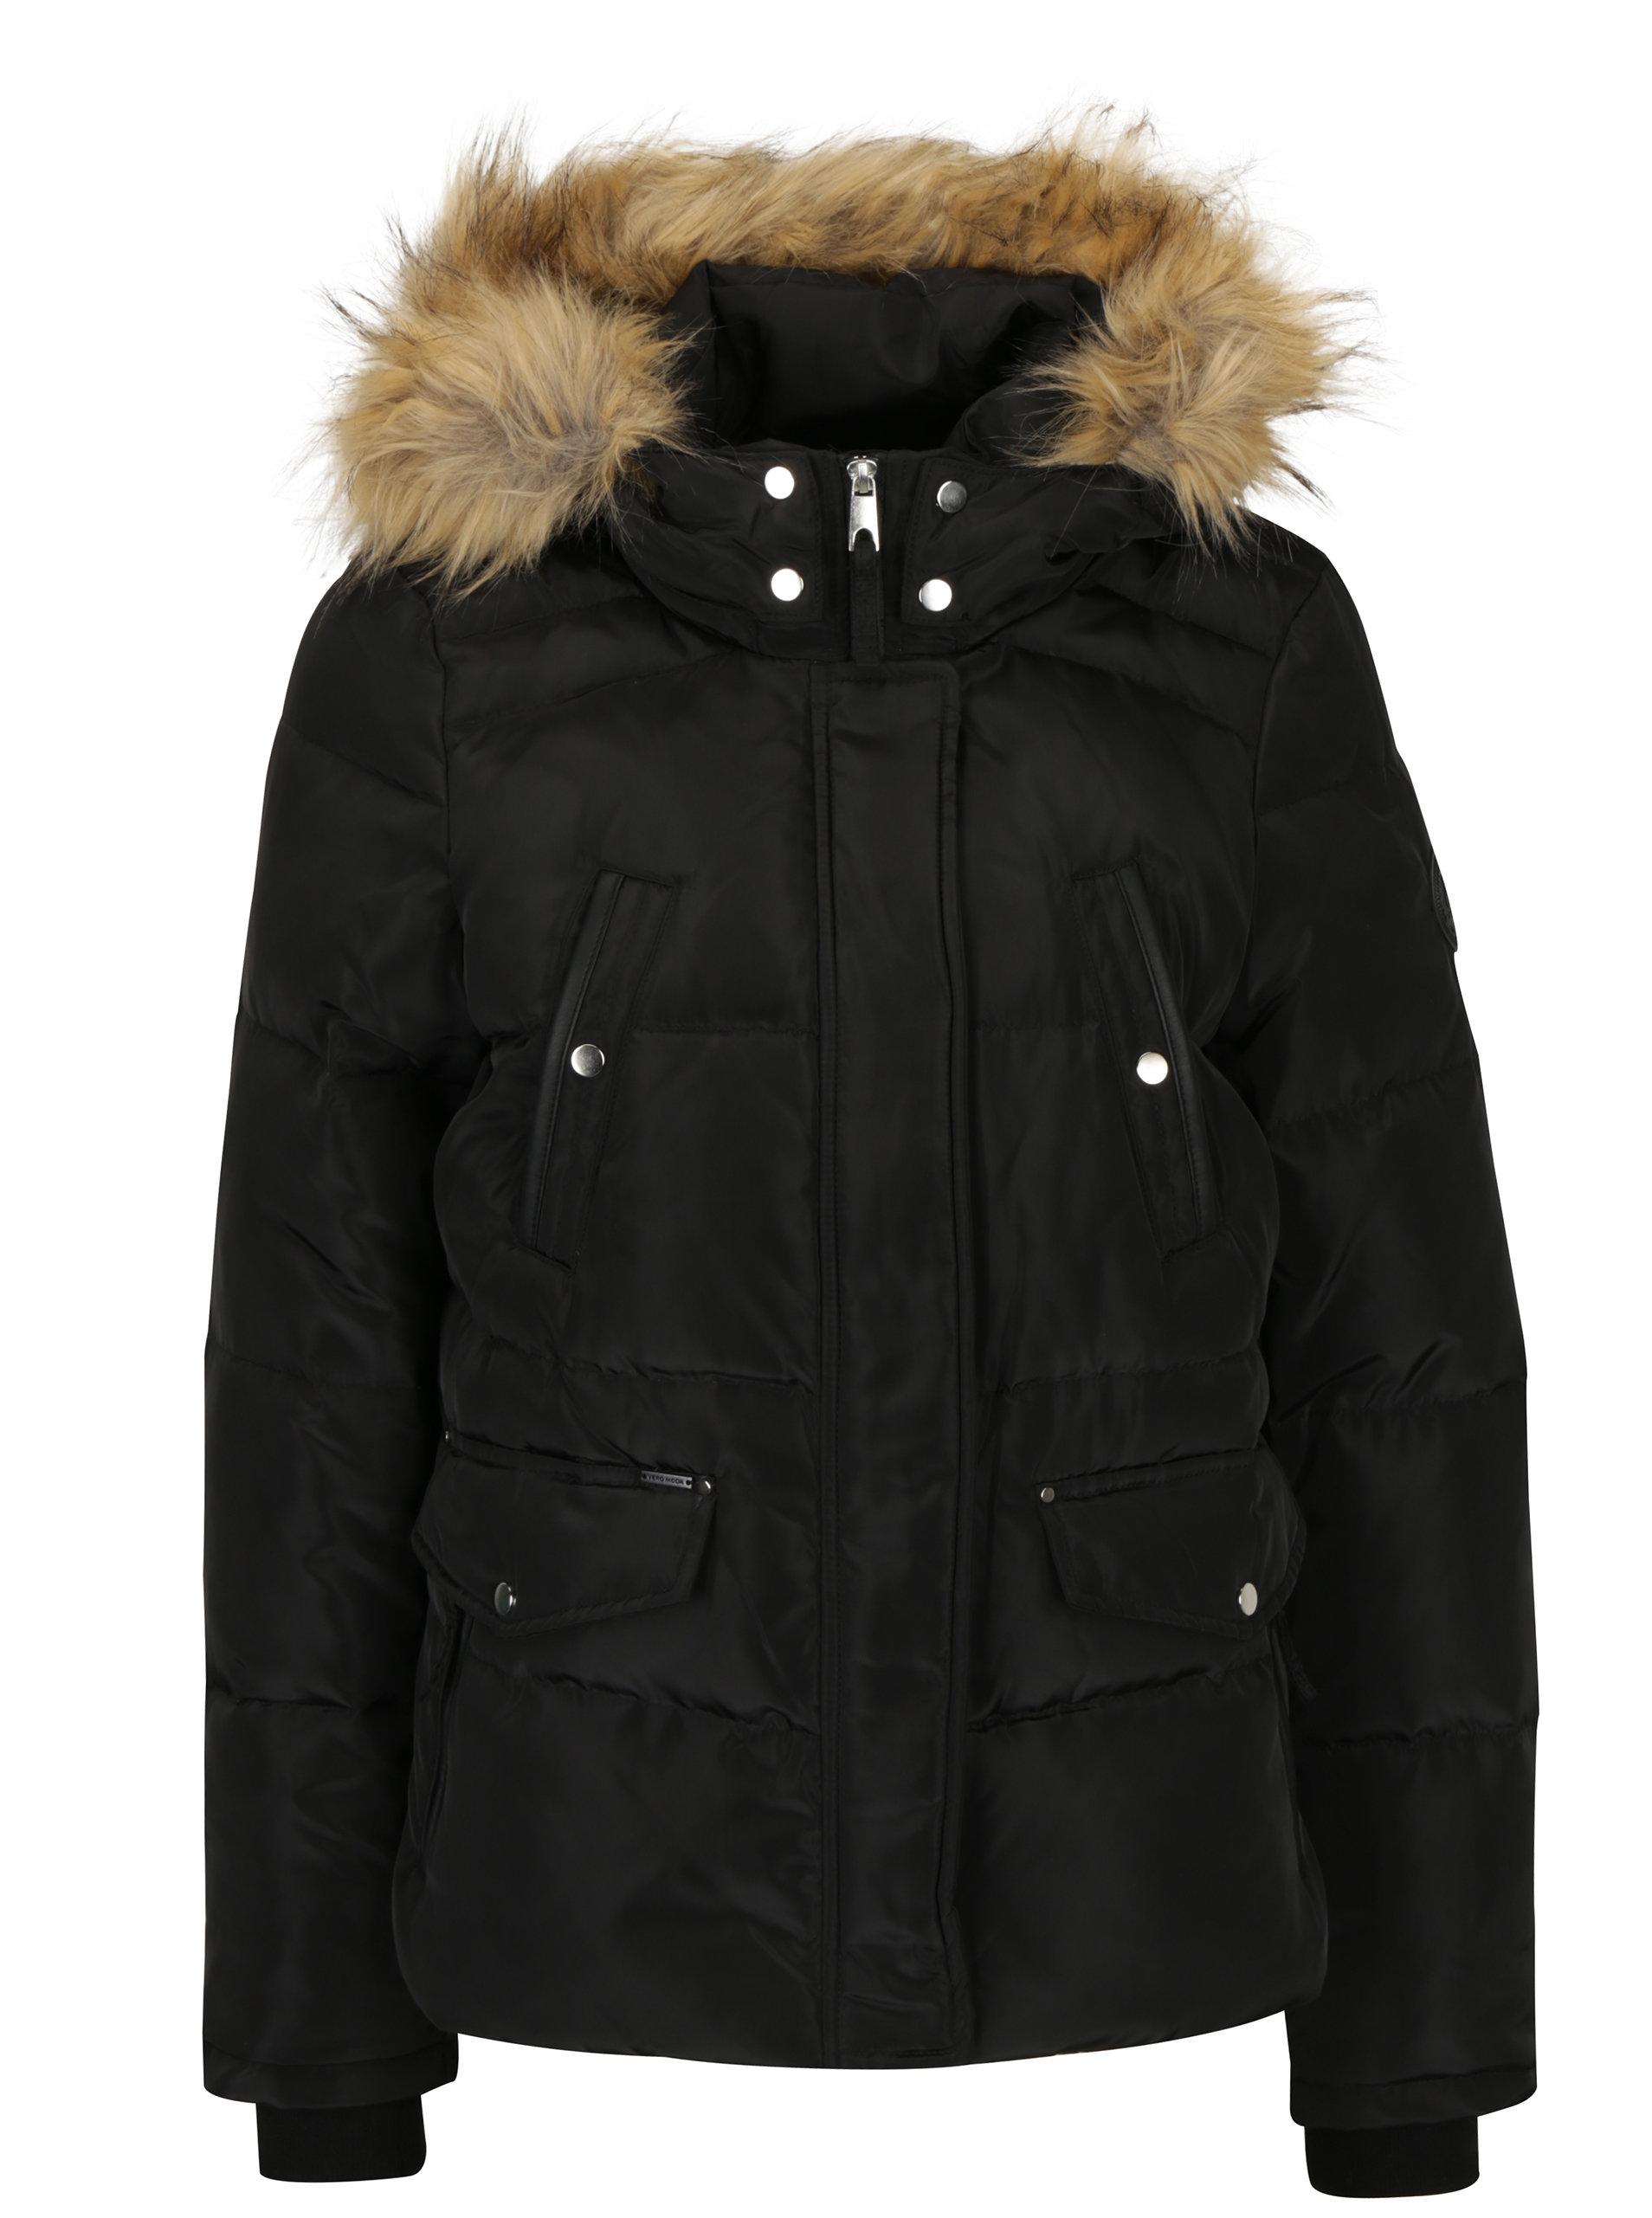 Čierna zimná prešívaná bunda s kapucňou VERO MODA Fea ... dc8b9e431e5